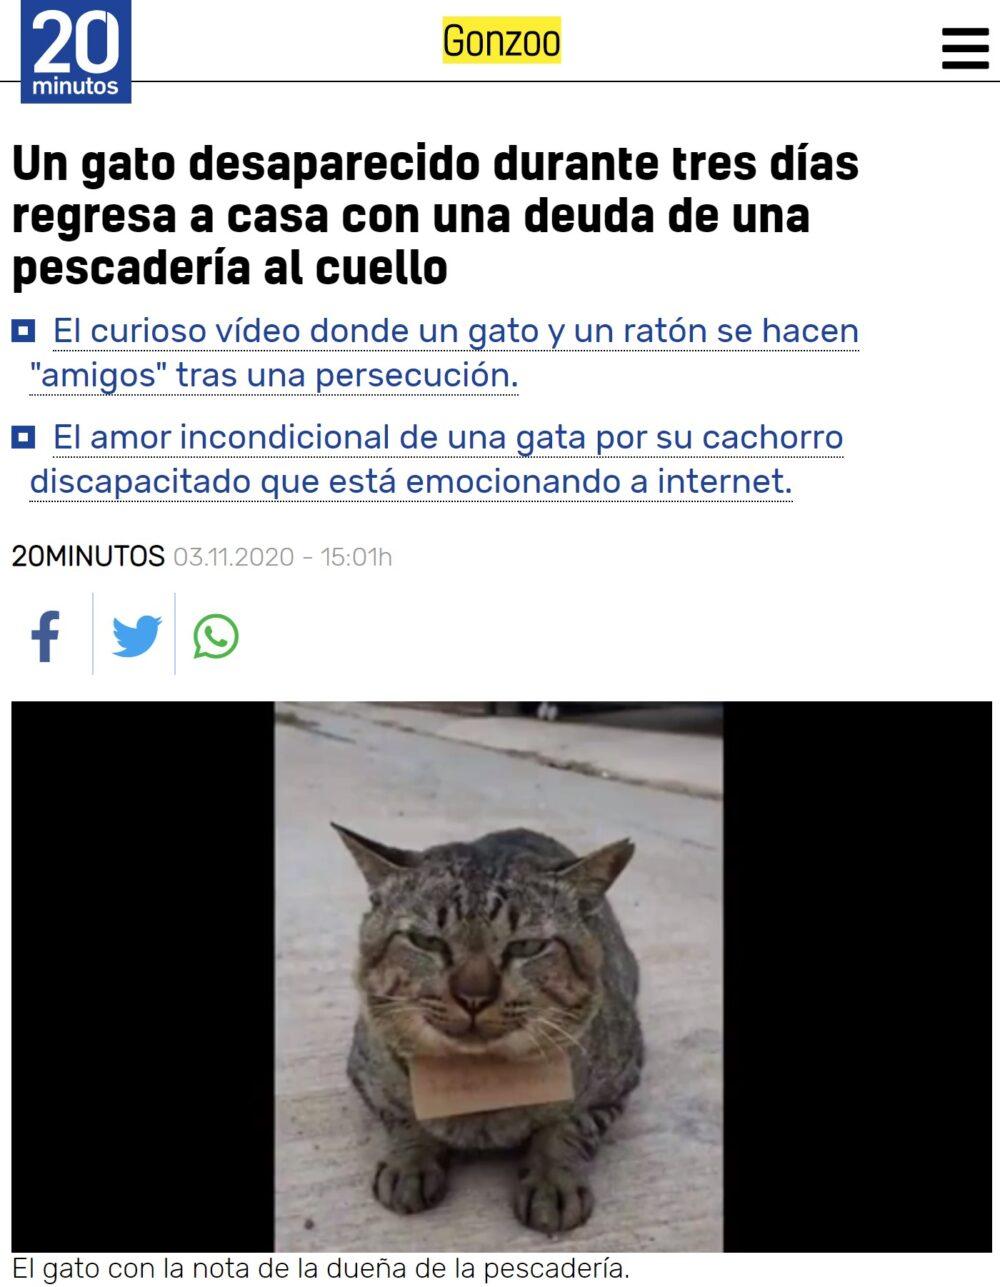 Cuando desaparece tu gato y a los 3 días vuelve... pero con deudas.